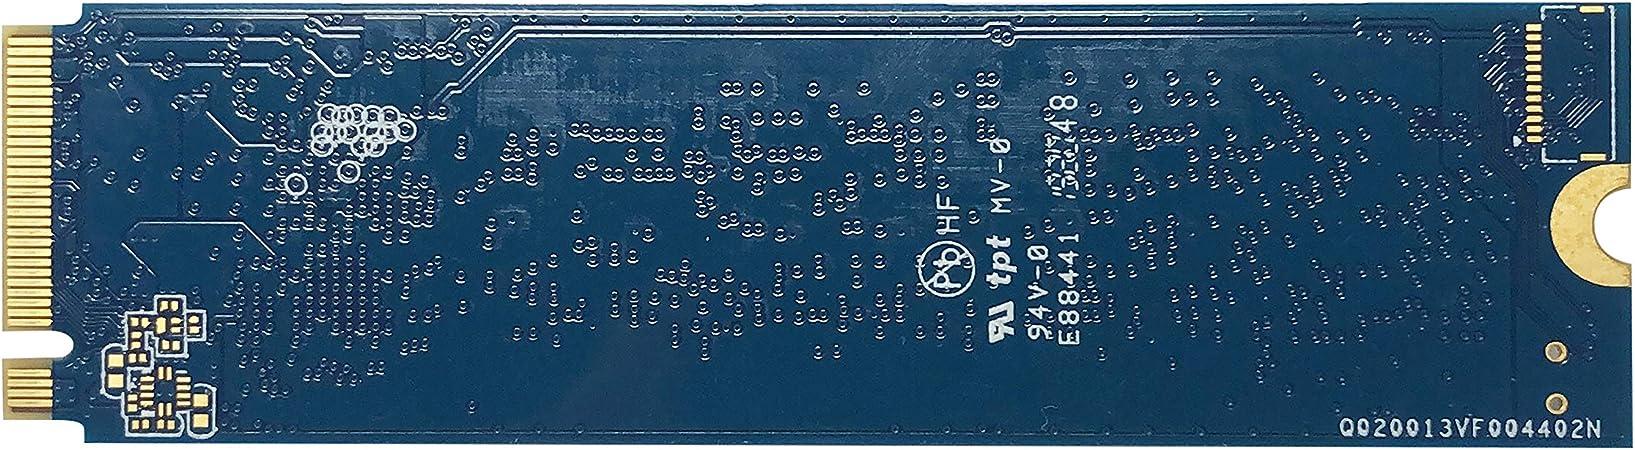 Patriot P300 M 2 Pcie Gen 3 X4 Low Power Consumption Elektronik